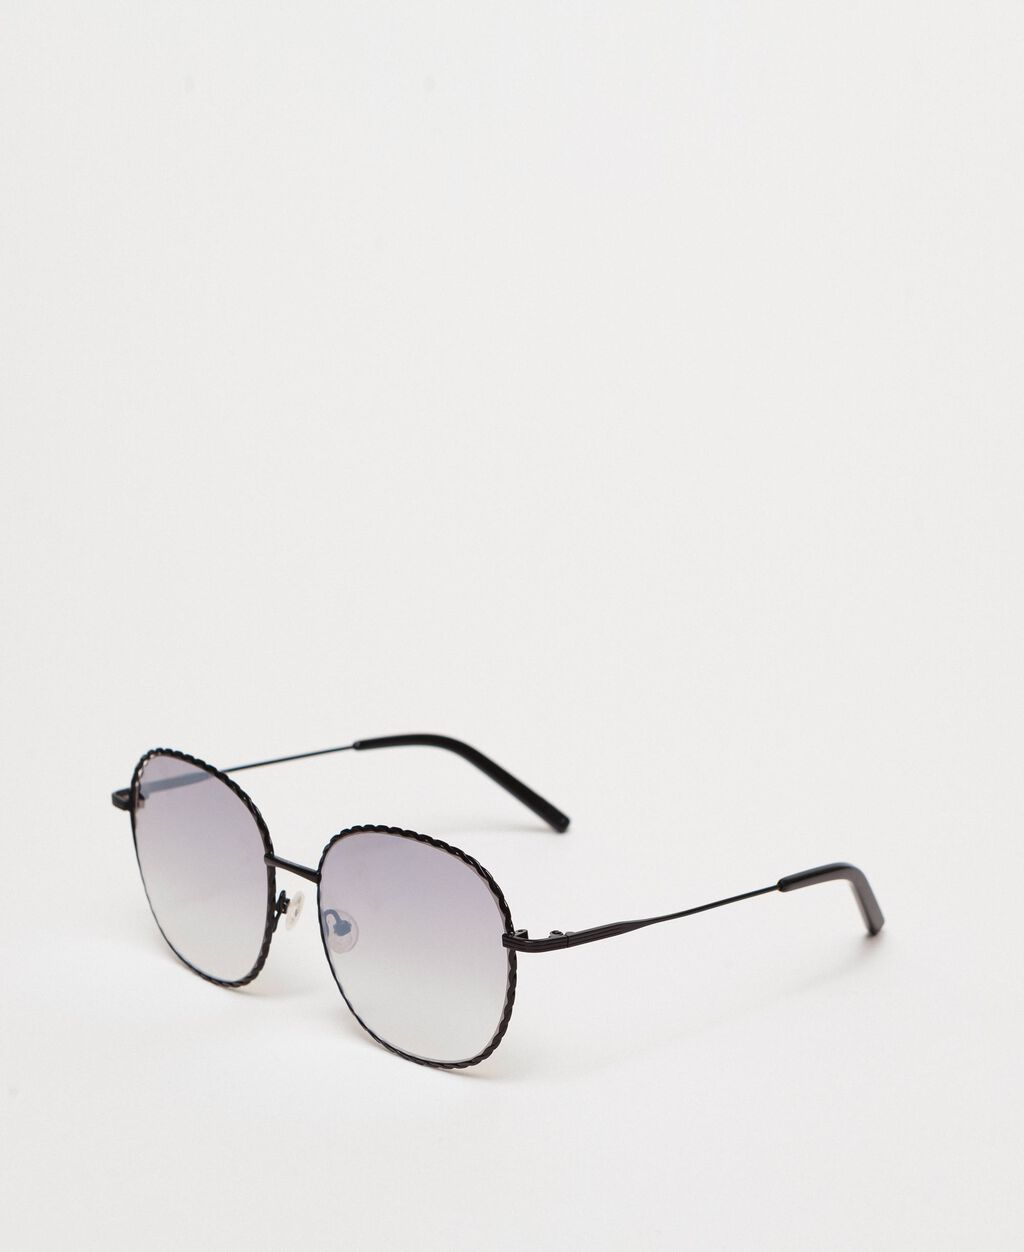 Солнцезащитные очки круглой формы